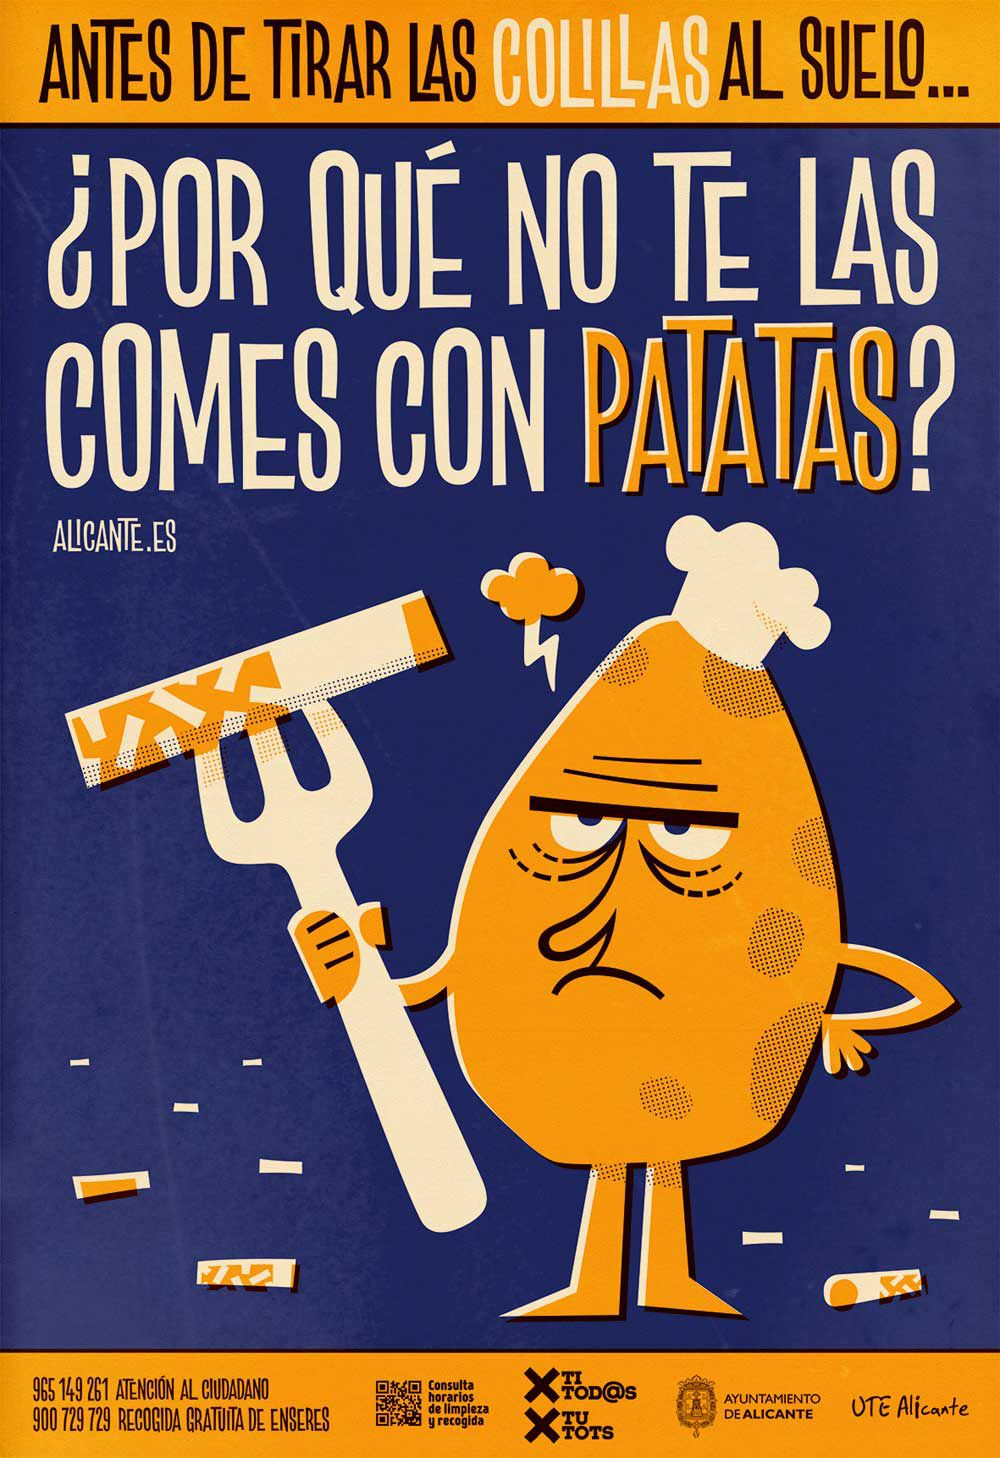 Campaña limpieza urbana Alicante por Pablo Lacruz